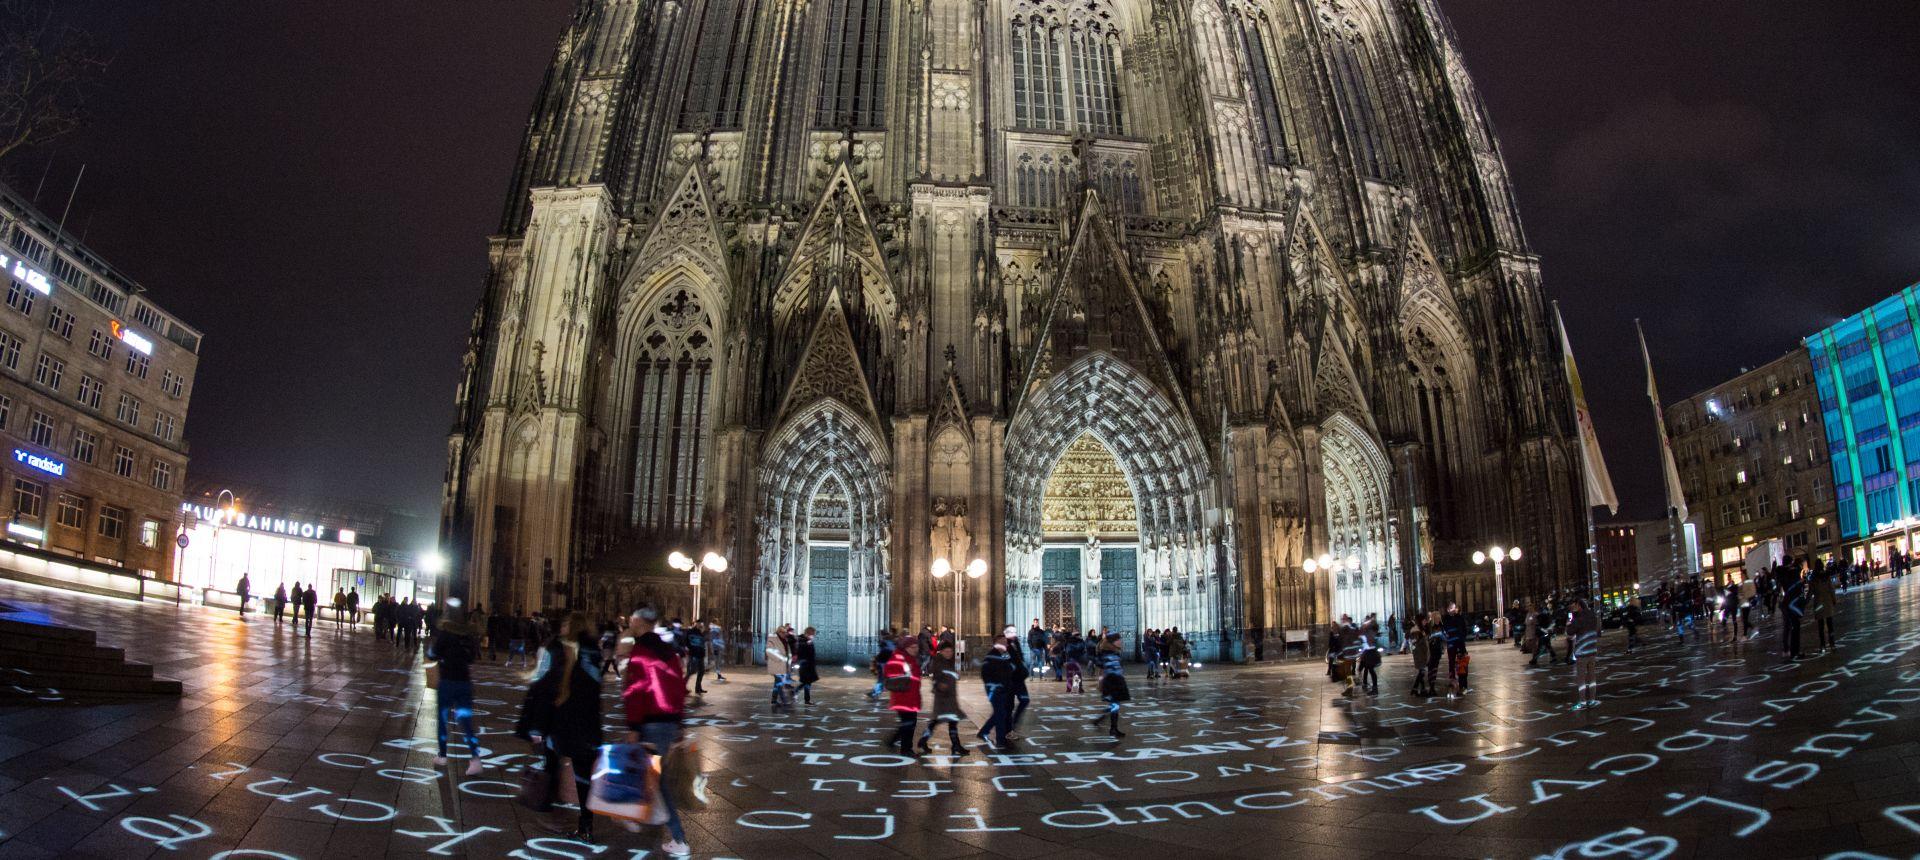 Njemački biskup želi otvorenu raspravu o blagoslovu istospolnih parova